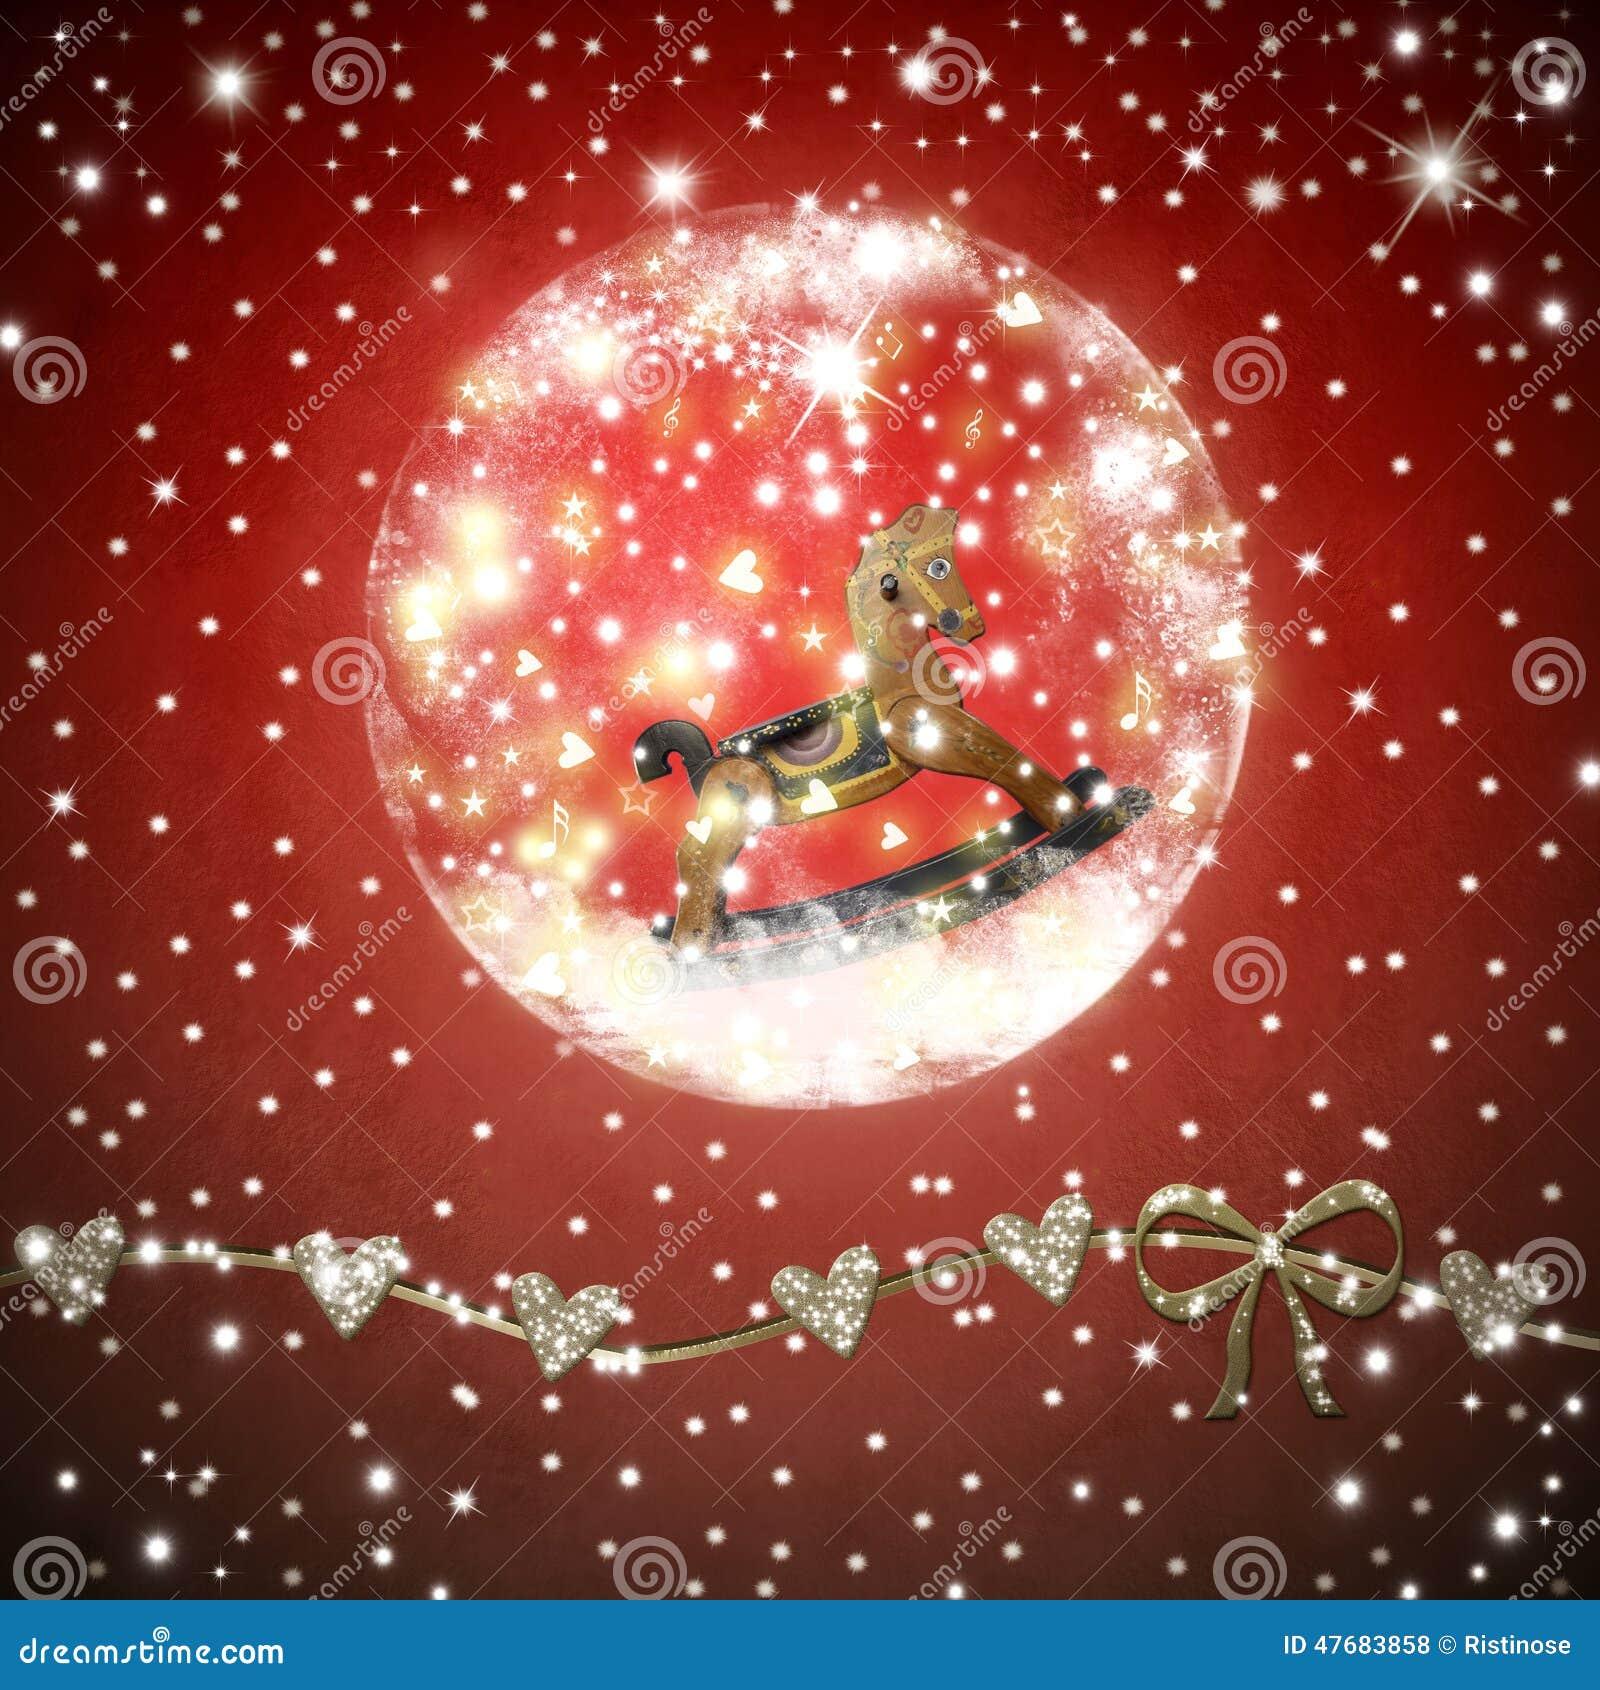 Image Brillante De Noel.Rockinghorse A L Interieur De Carte De Noel Brillante De